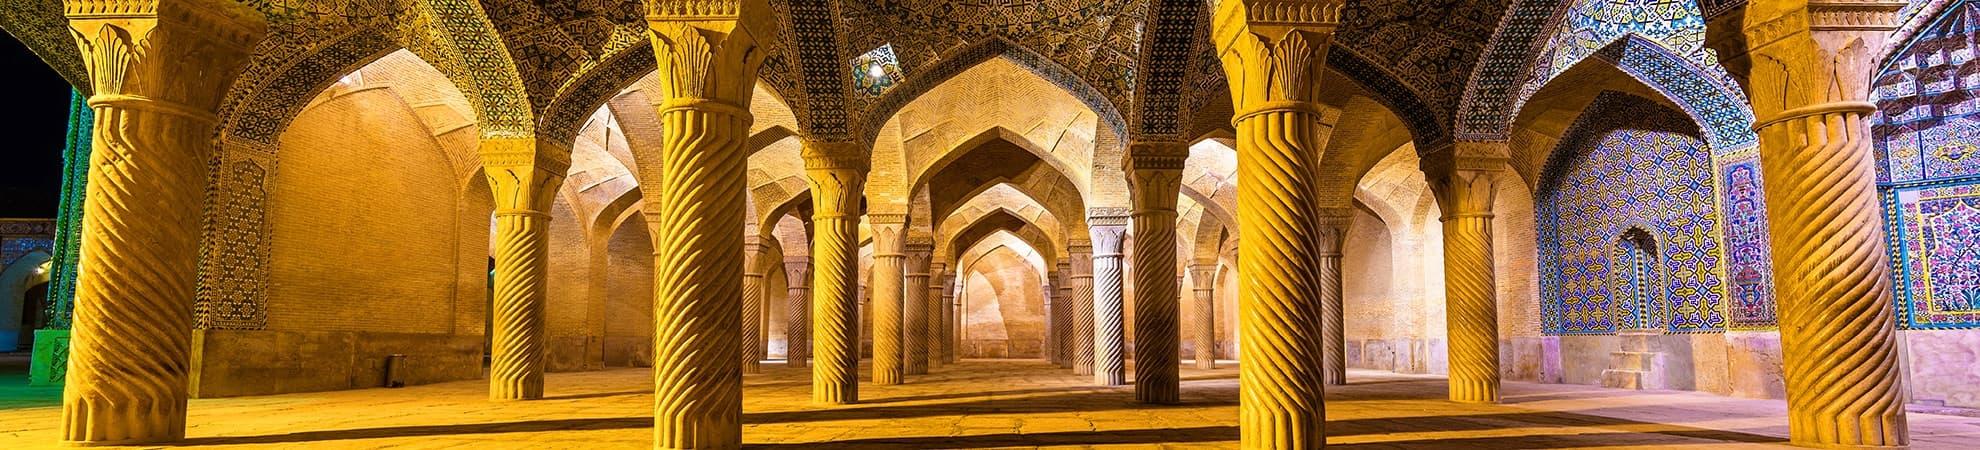 Formalités et visas en Iran, Ouzbekistan et Turkmenistan